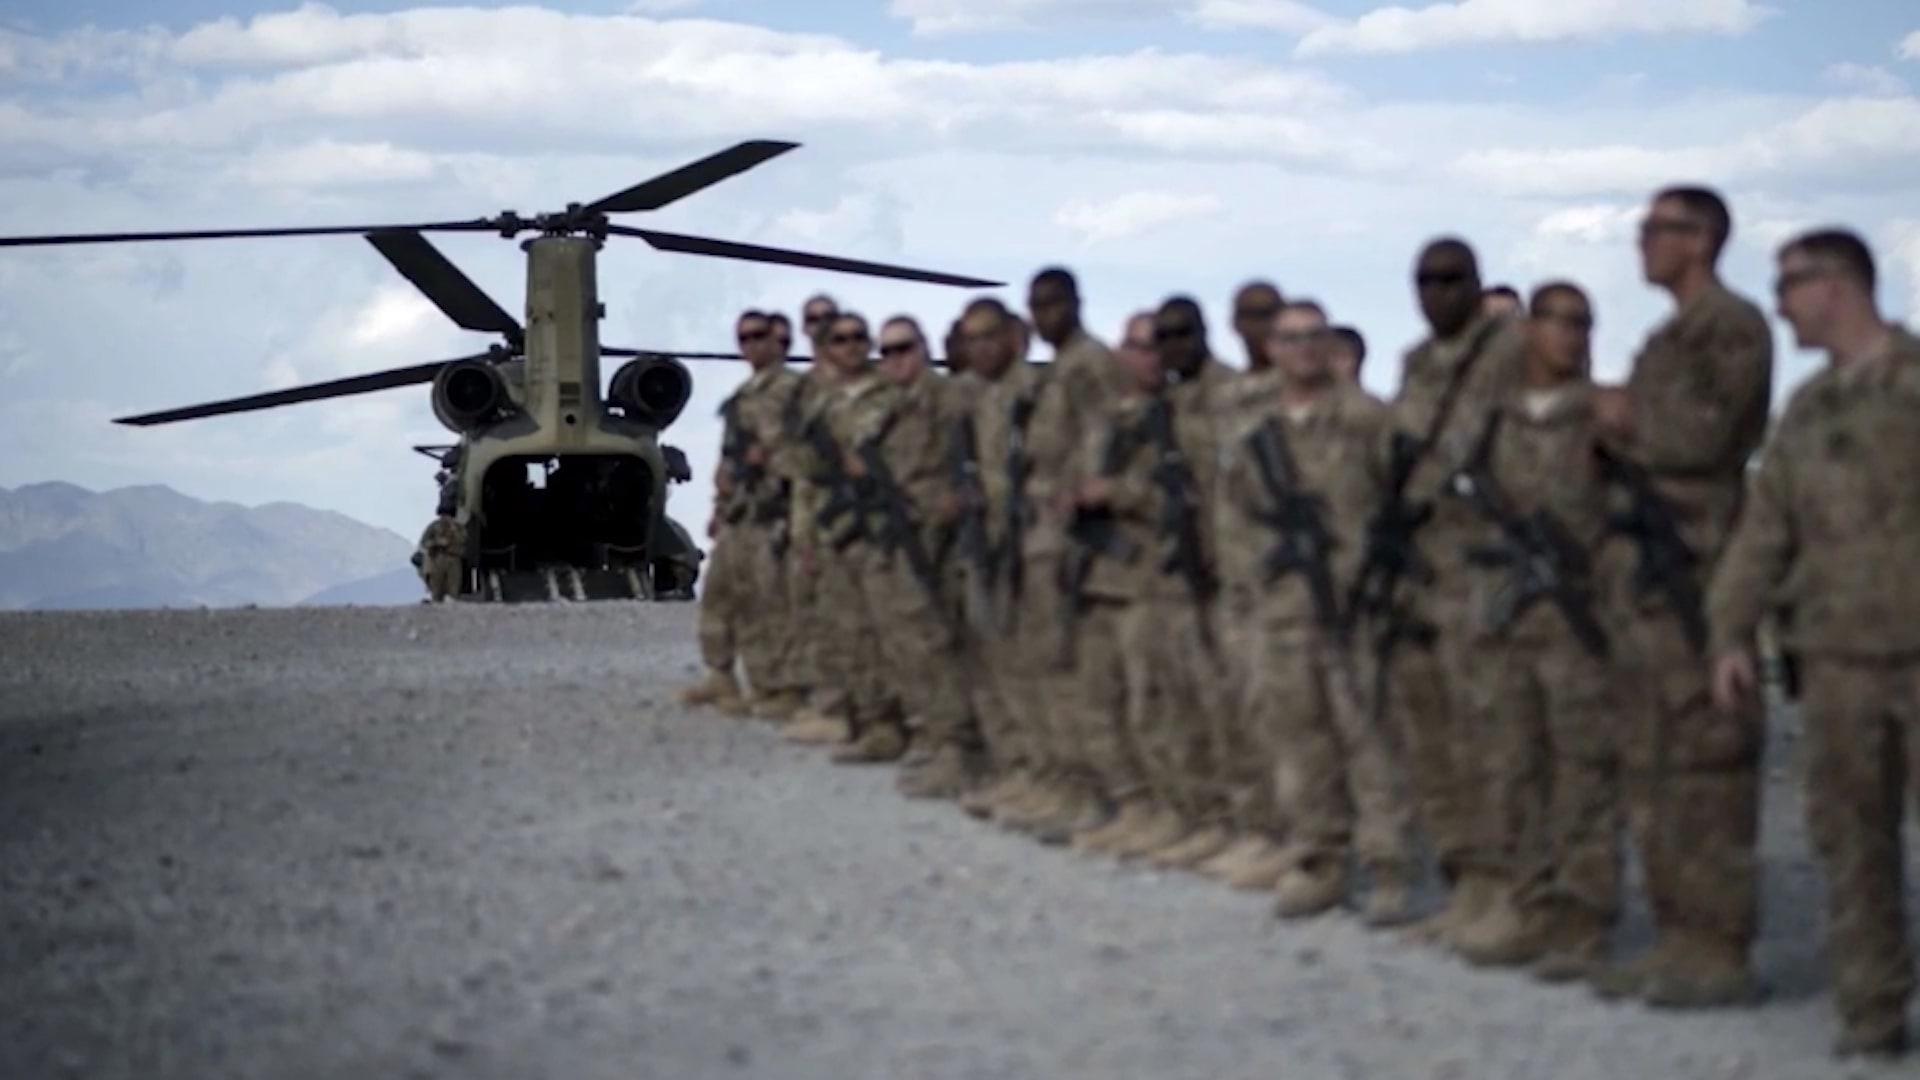 اكتمال أكثر من 90% من انسحاب القوات الأمريكية من أفغانستان.. فما الذي تبقى؟  - CNN Arabic